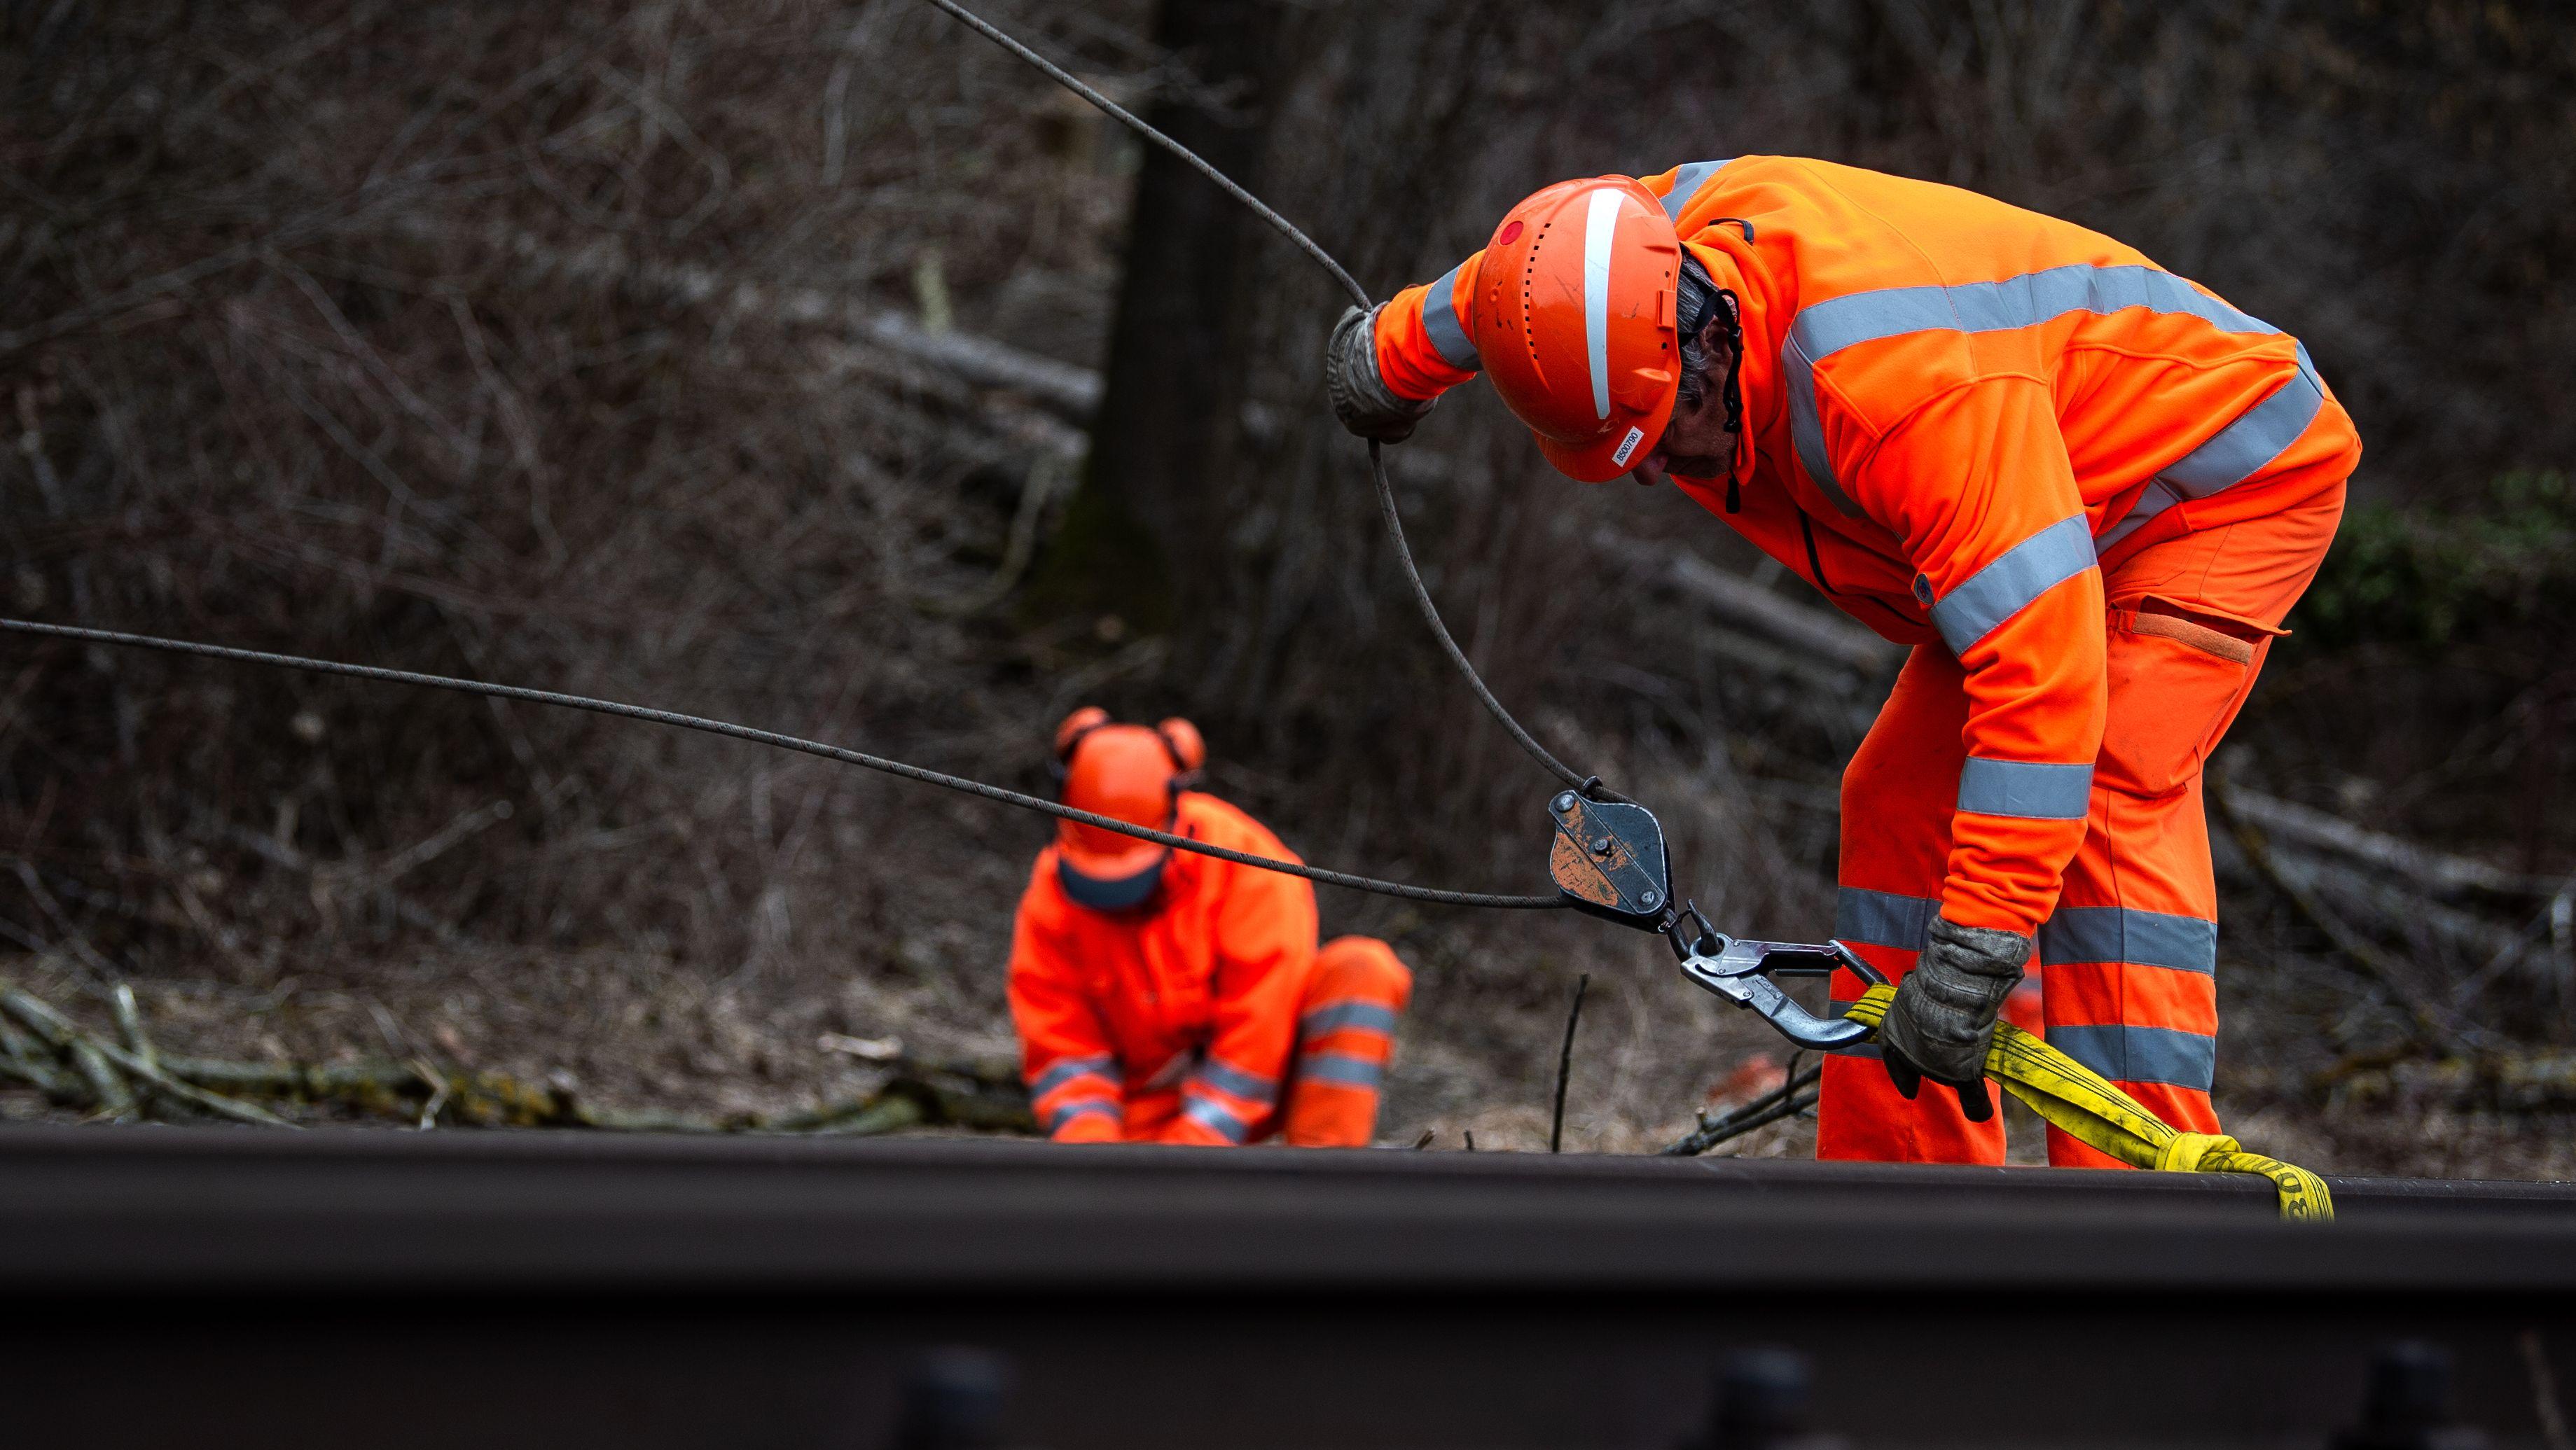 Arbeiter entfernen Äste an einer Bahnstrecke (Symbolbild)